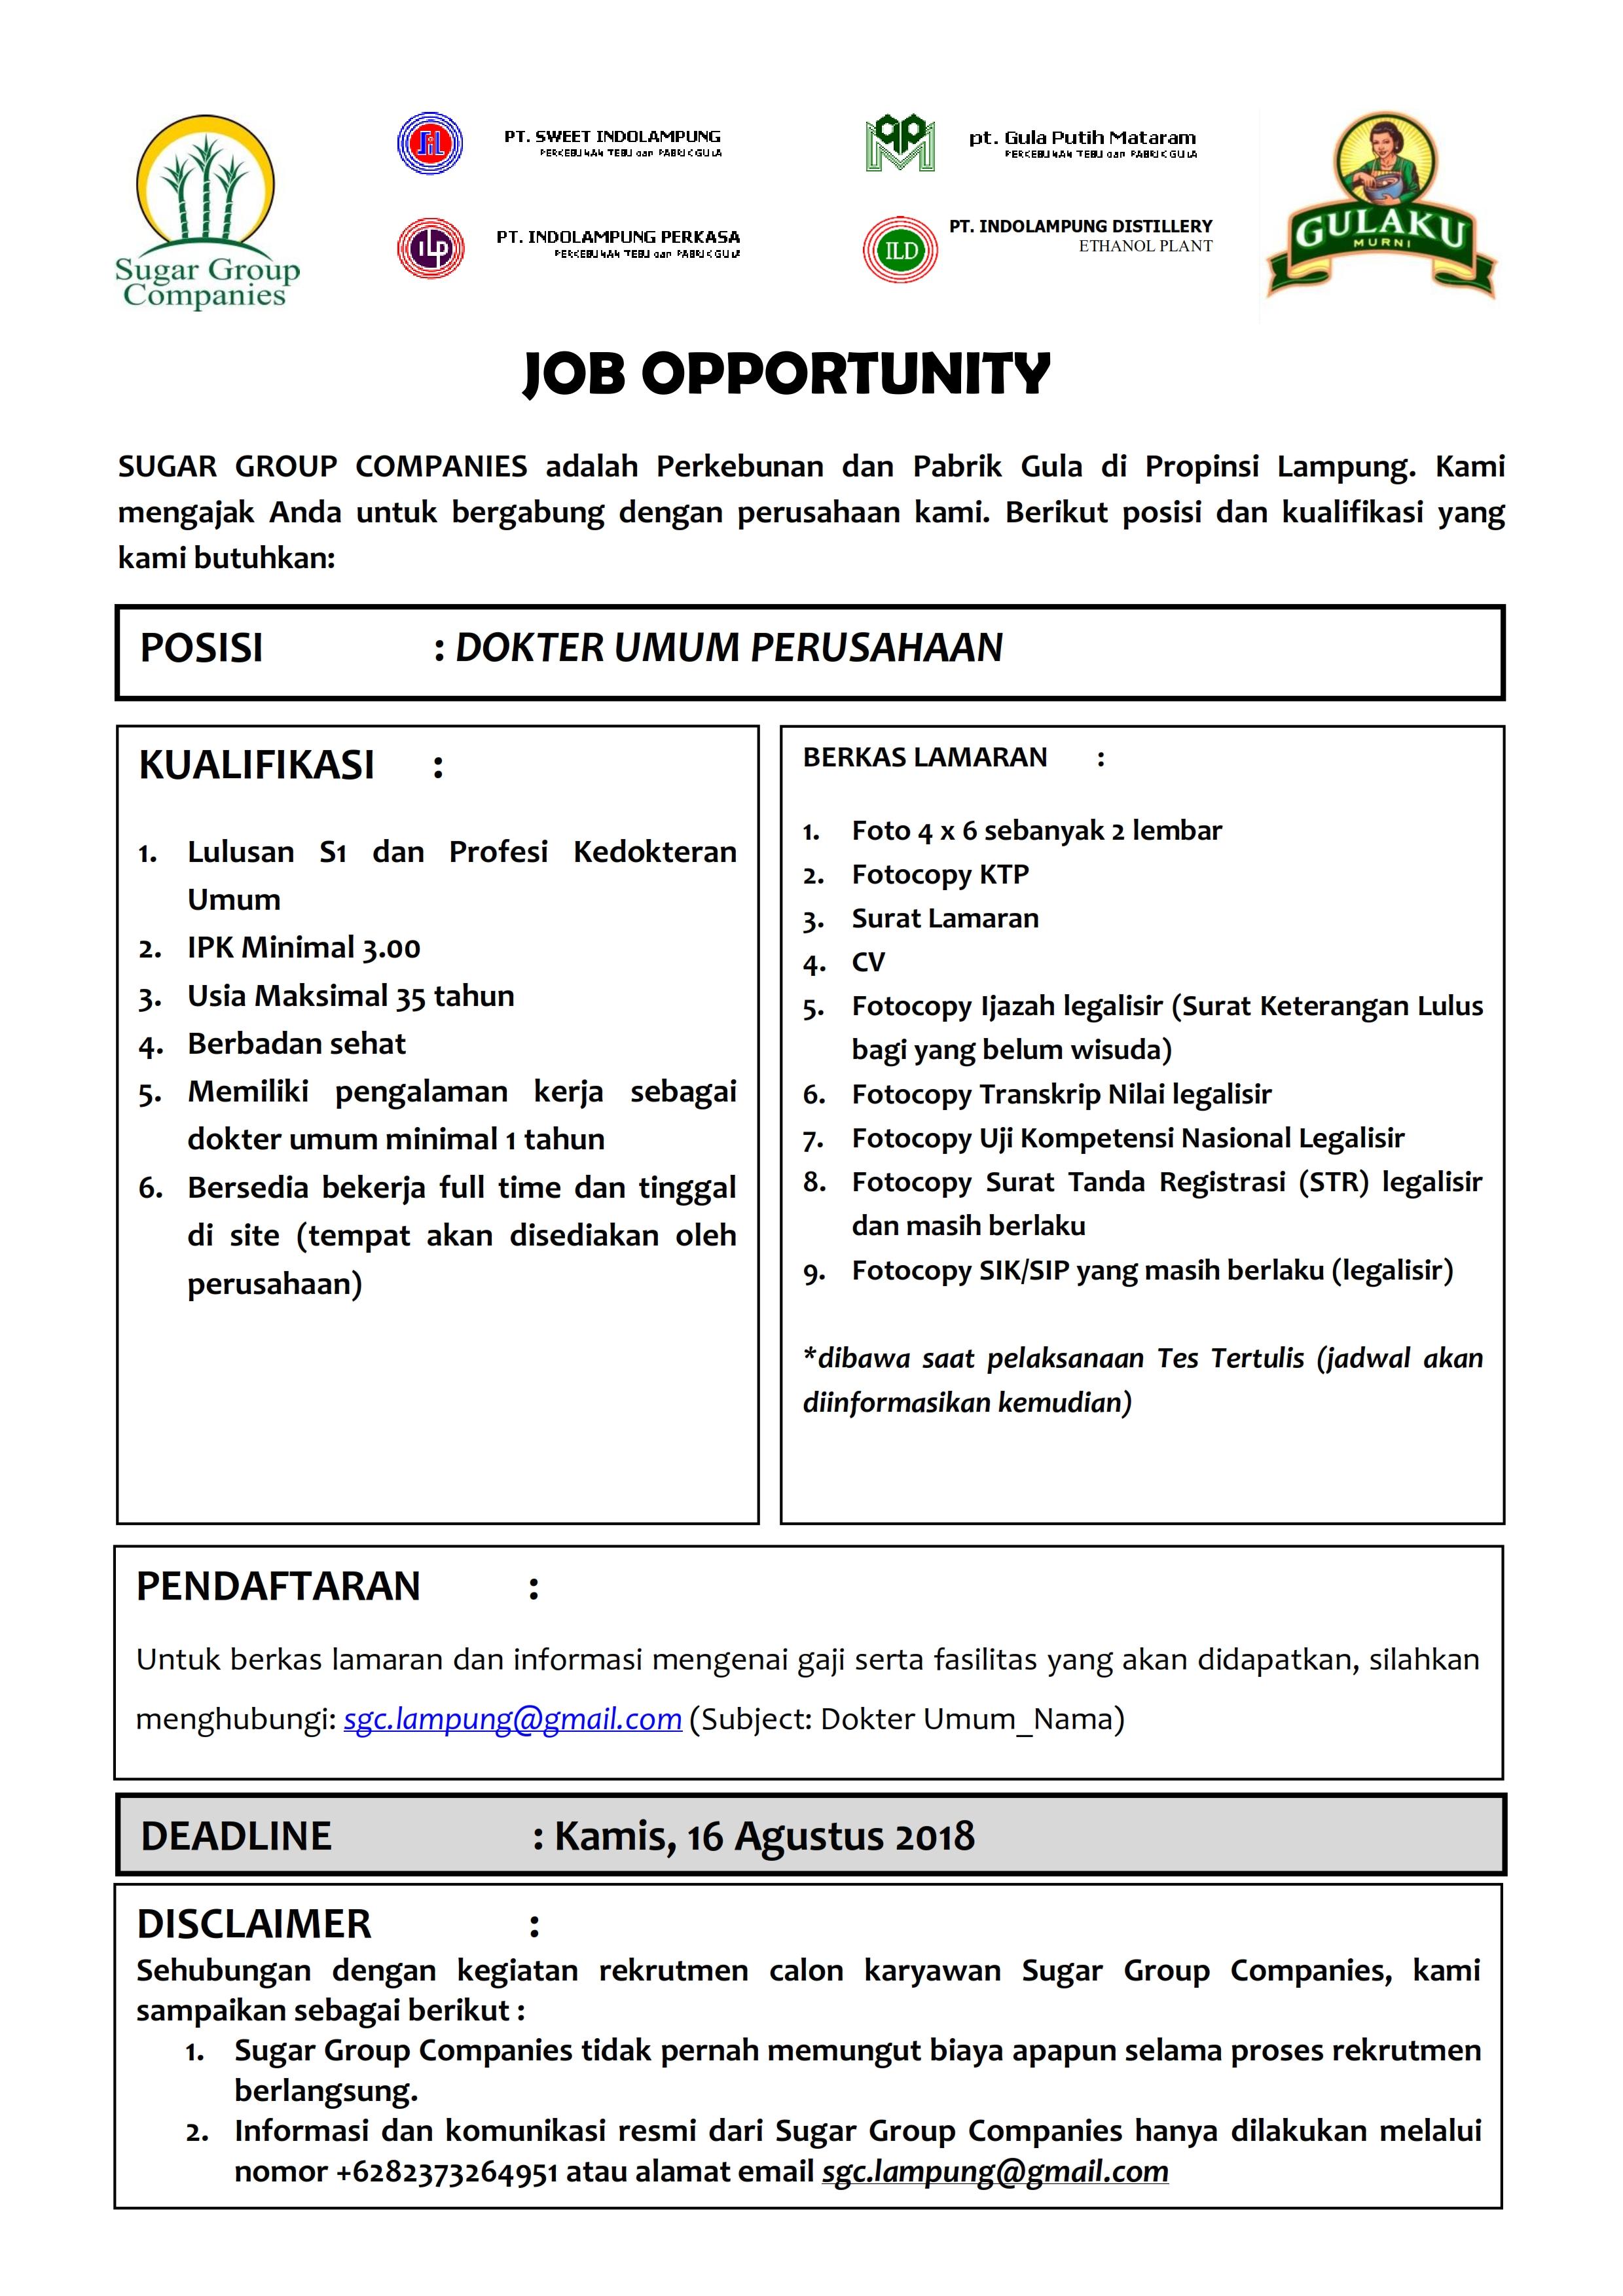 Cced Universitas Lampung Dokter Umum Perusahaan Pada Sugar